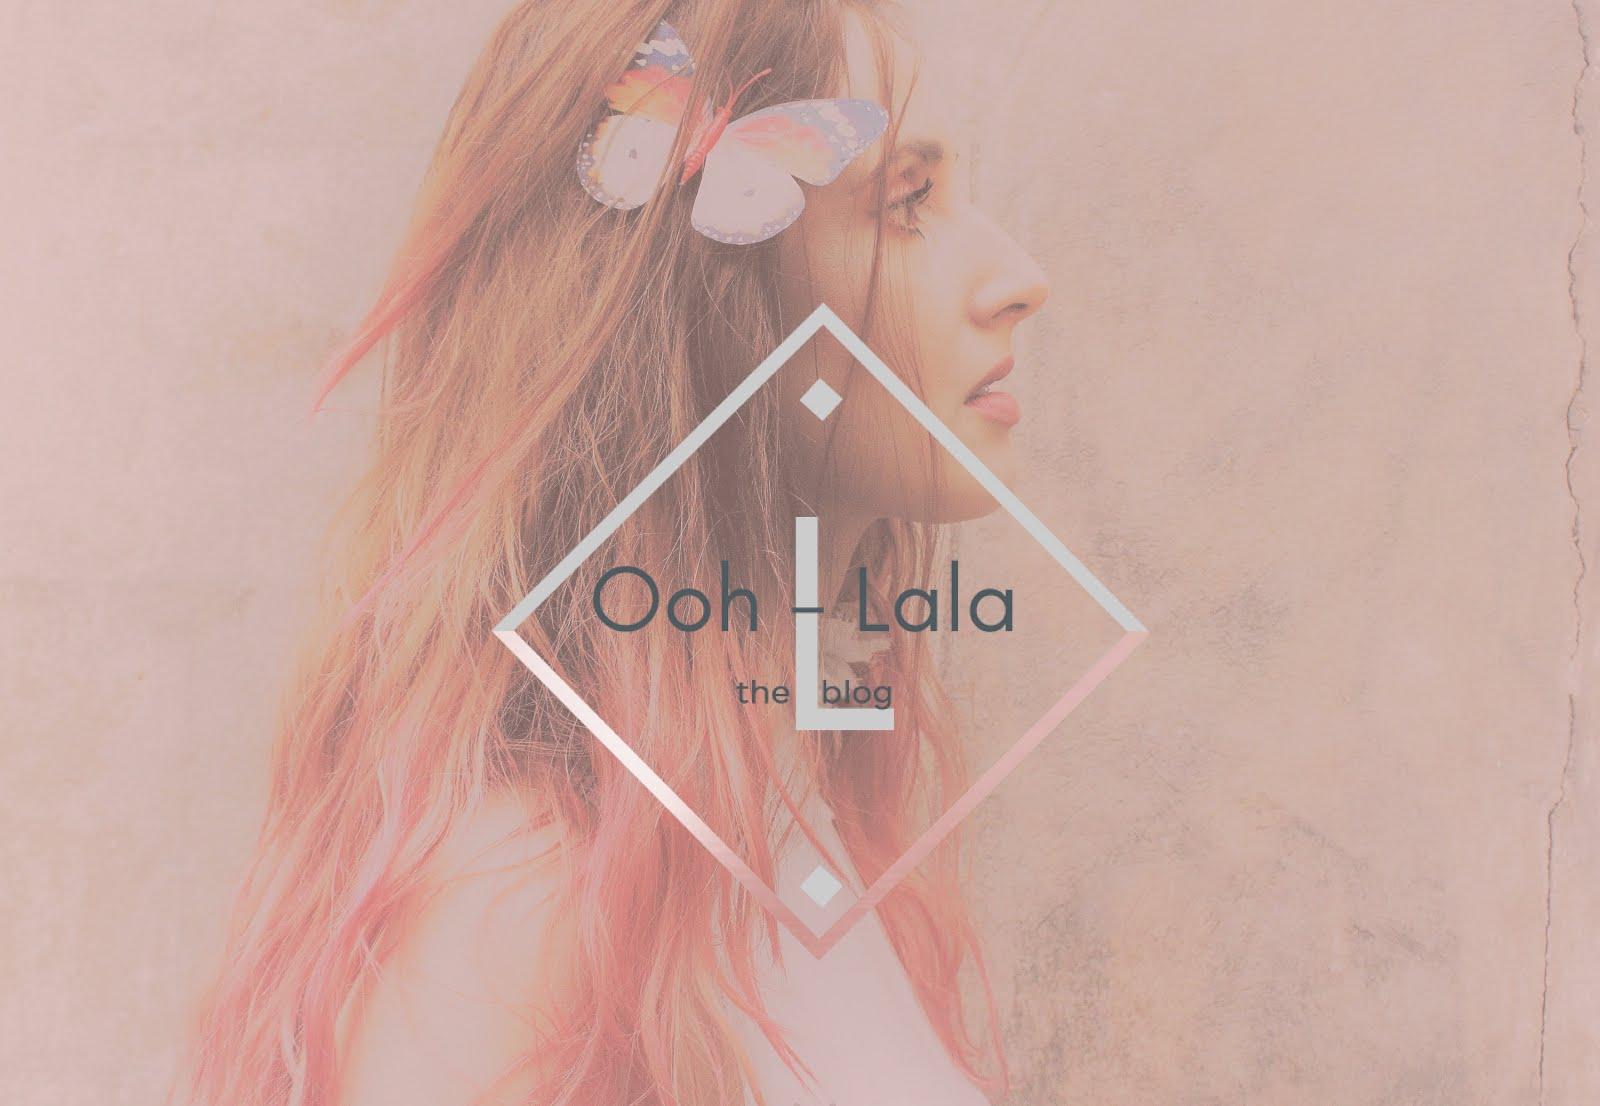 Ooh - Lala